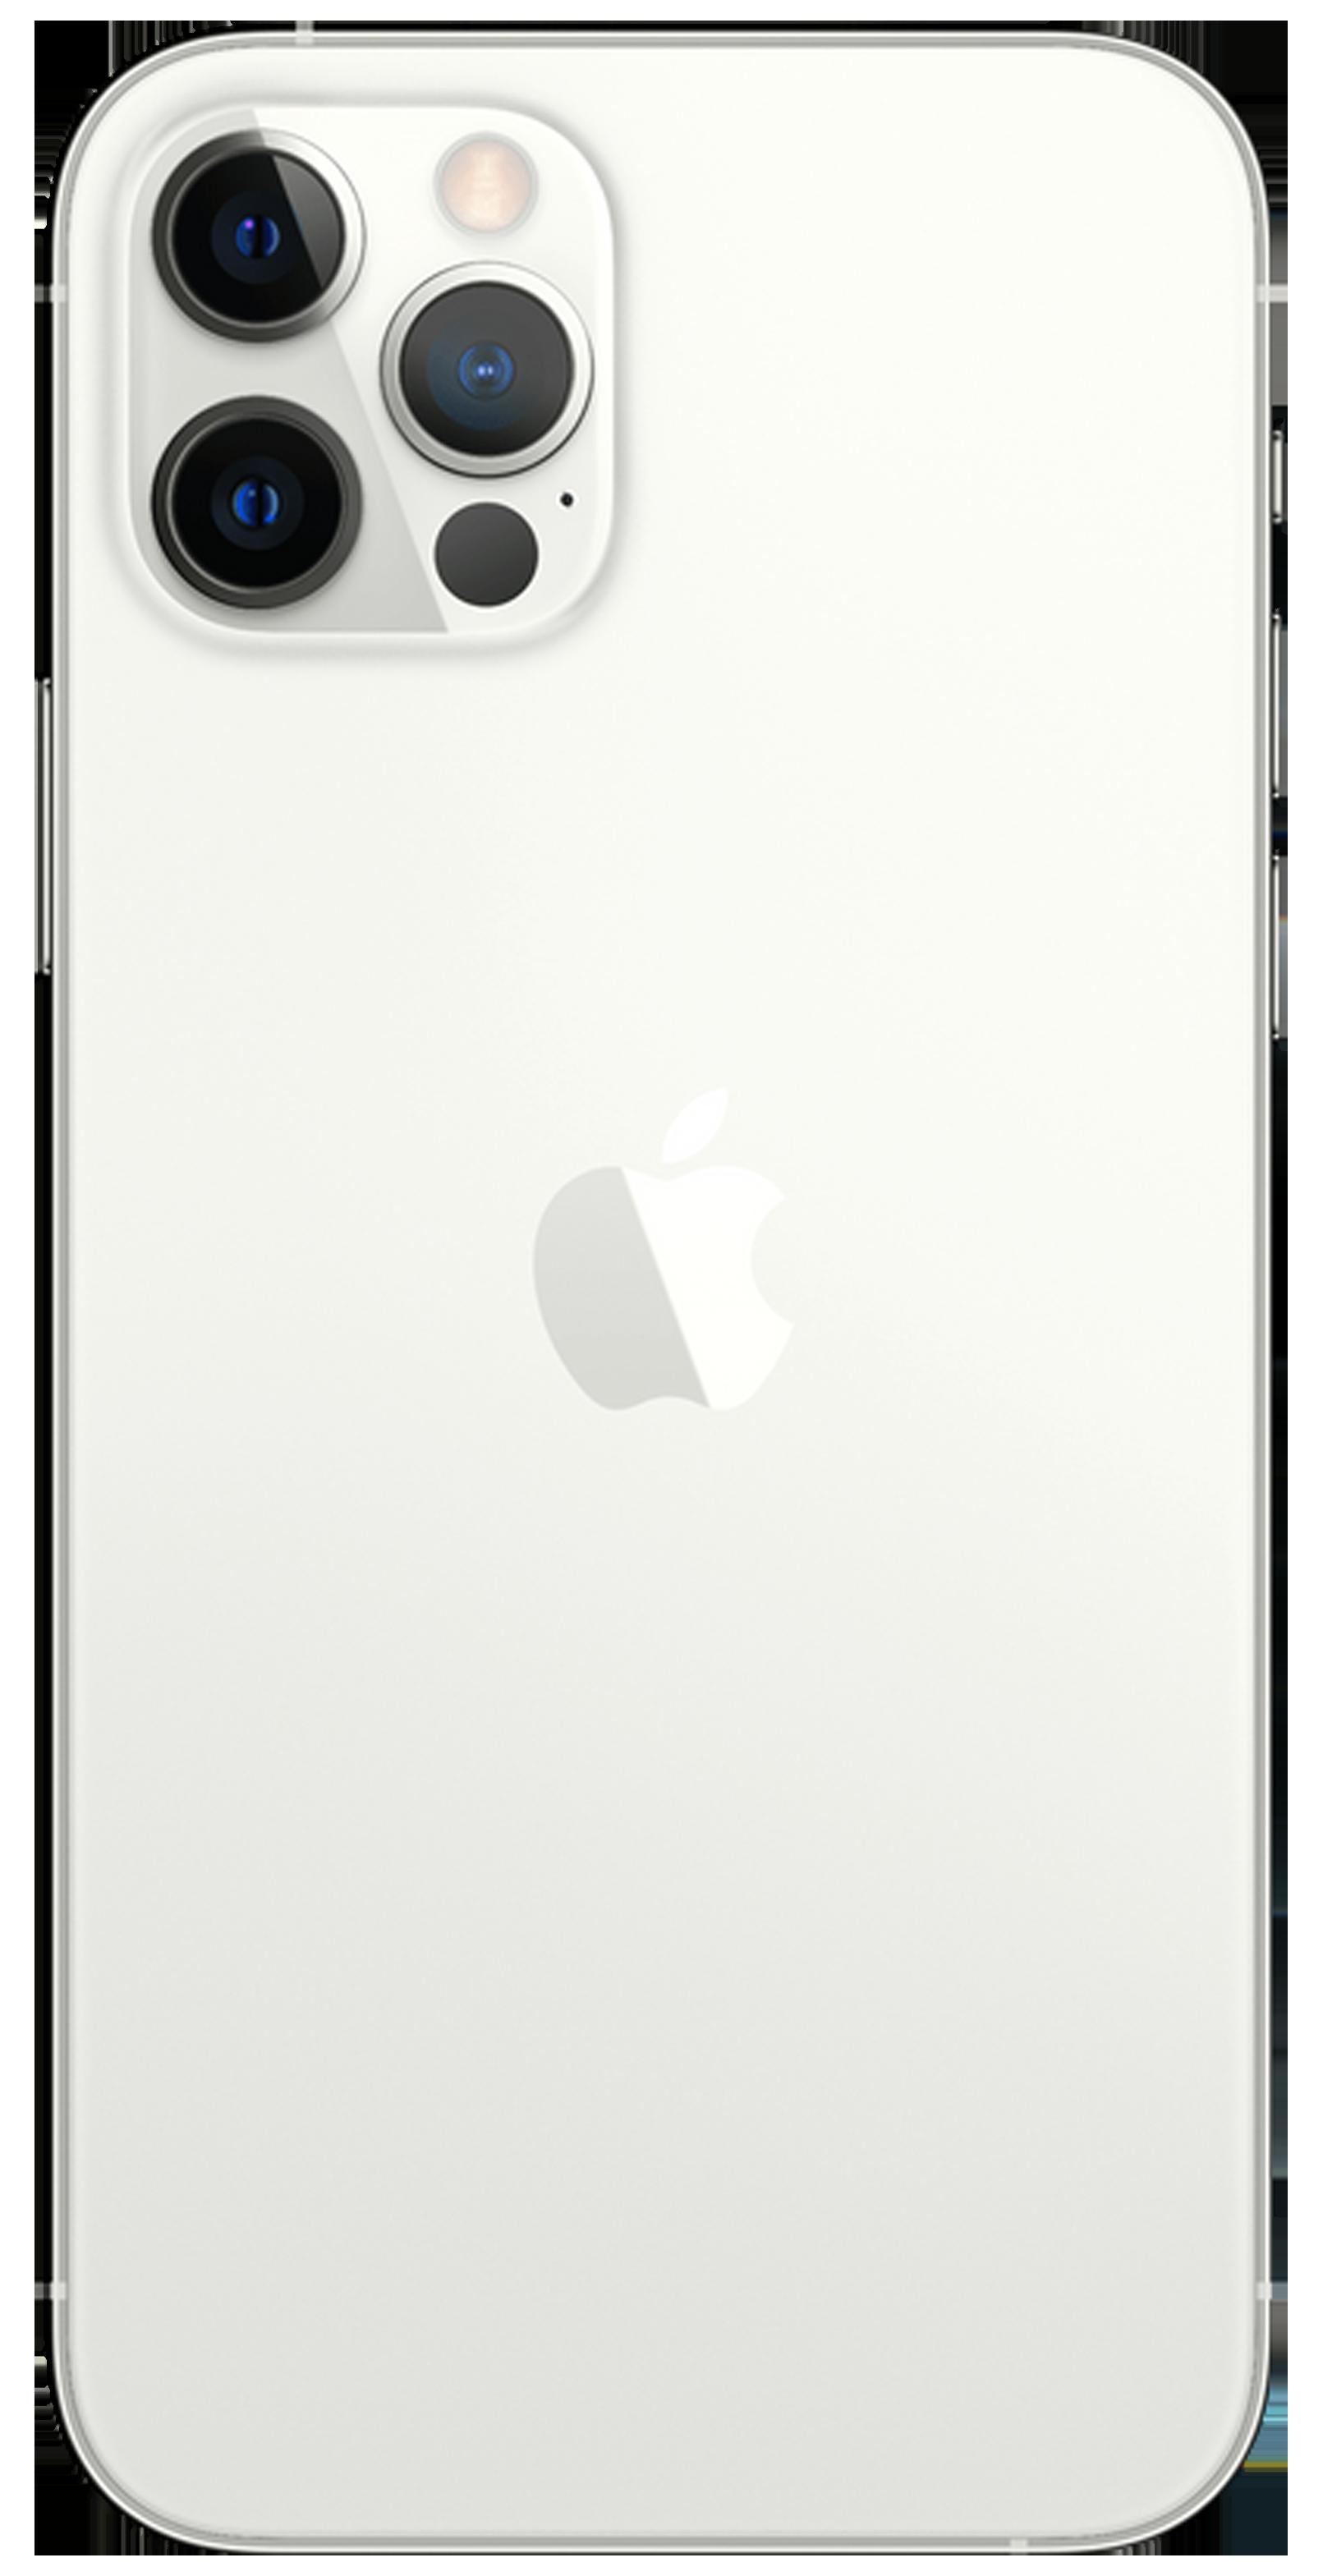 Iphone 12 Pro Deals